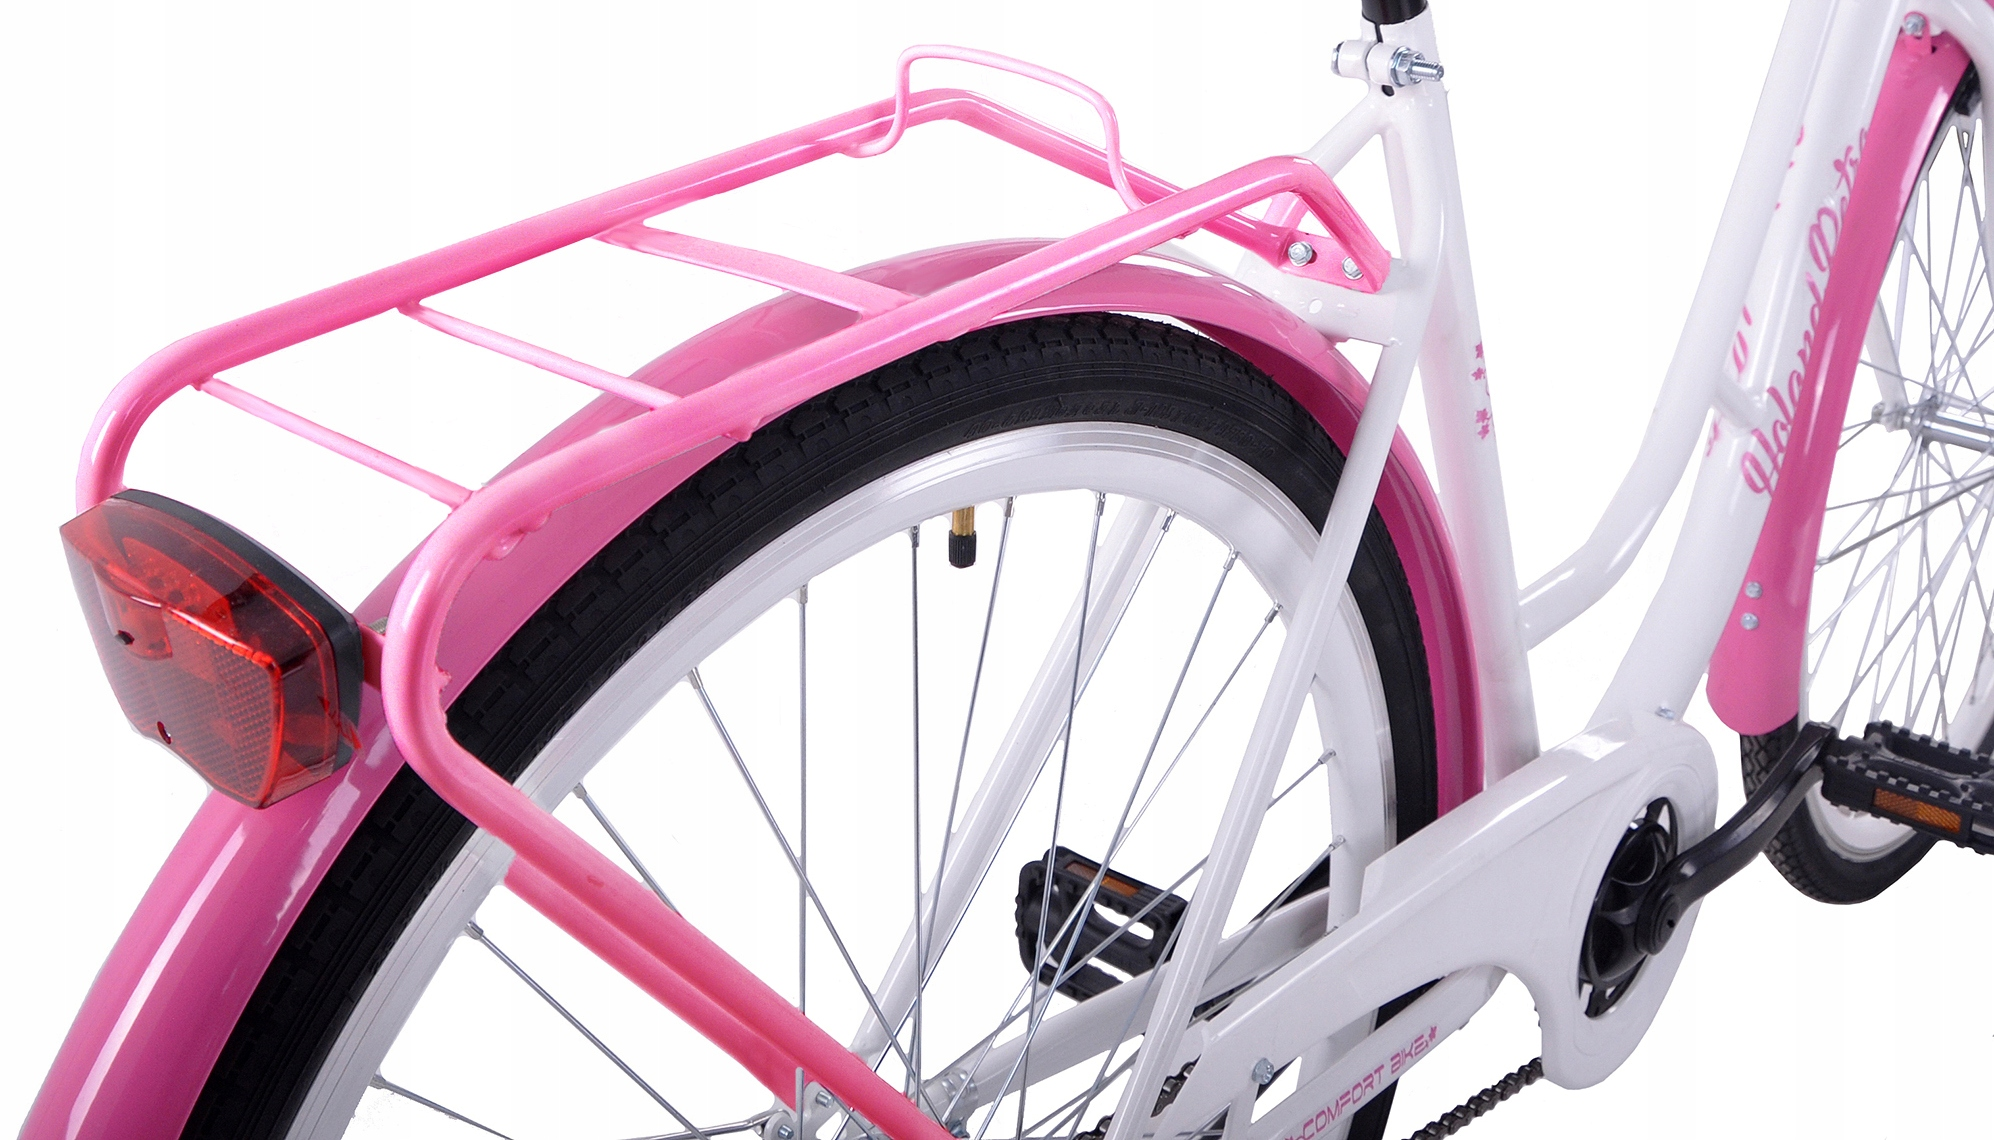 CITY BIKE 28 HOLANDSKO RETRO bielo-ružová + košík Veľkosť rámu 20 palcov